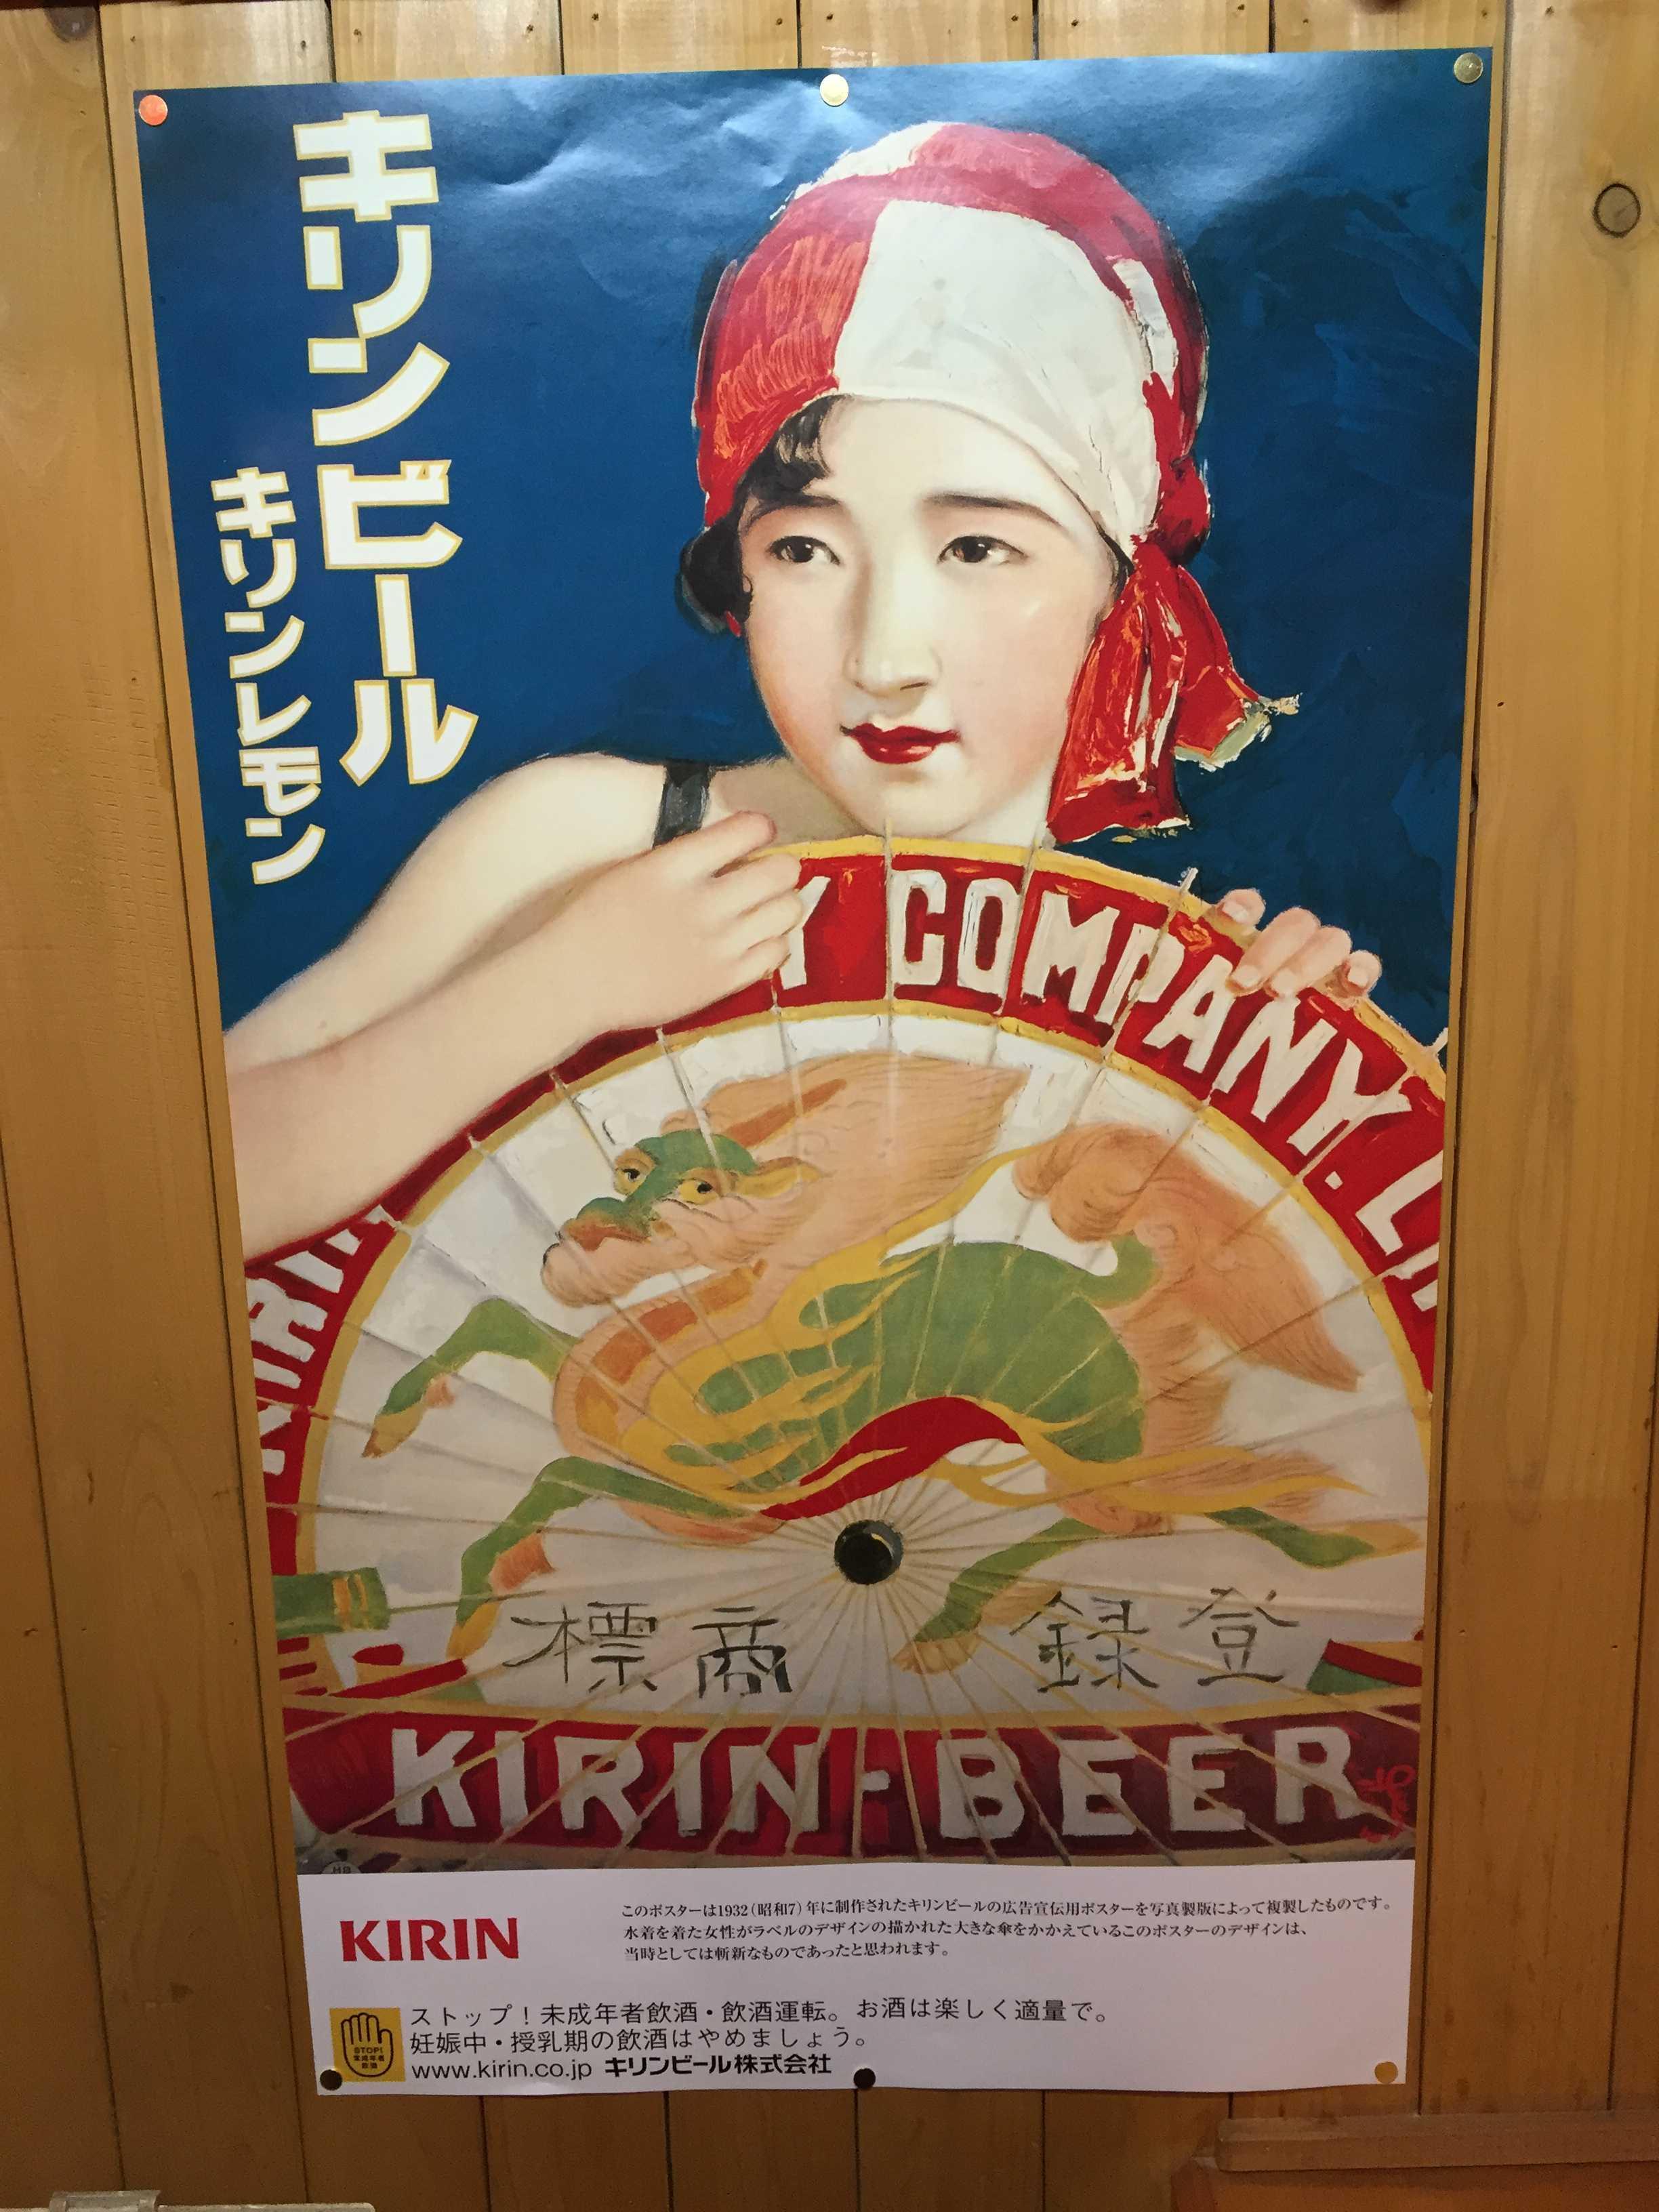 水着を着た女の子のポスター - 昭和7年・キリンビール